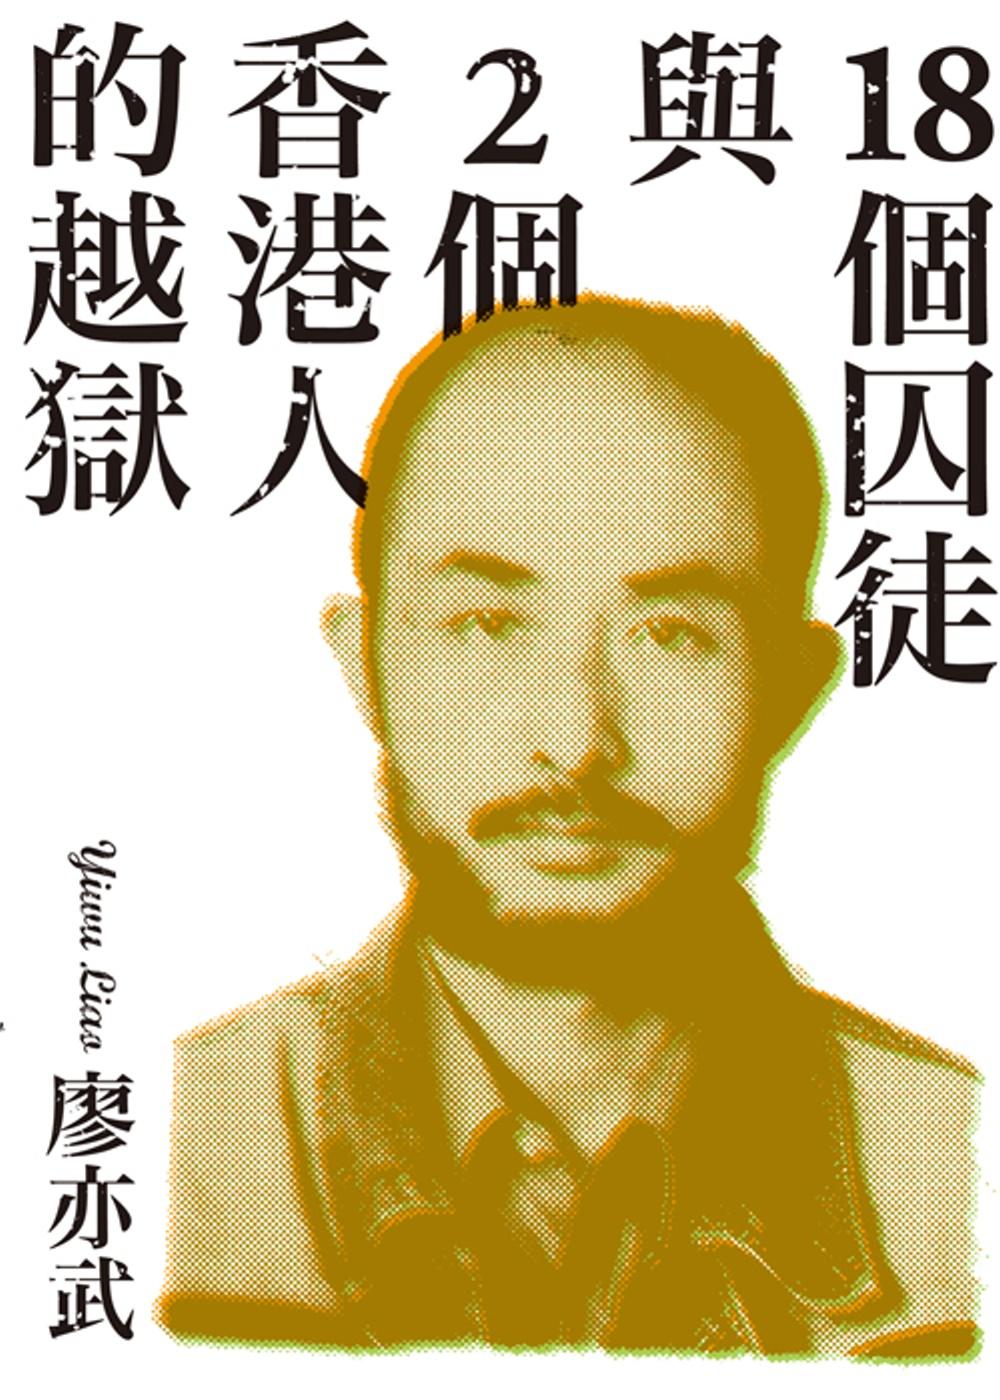 18個囚徒與2個香港人的越獄